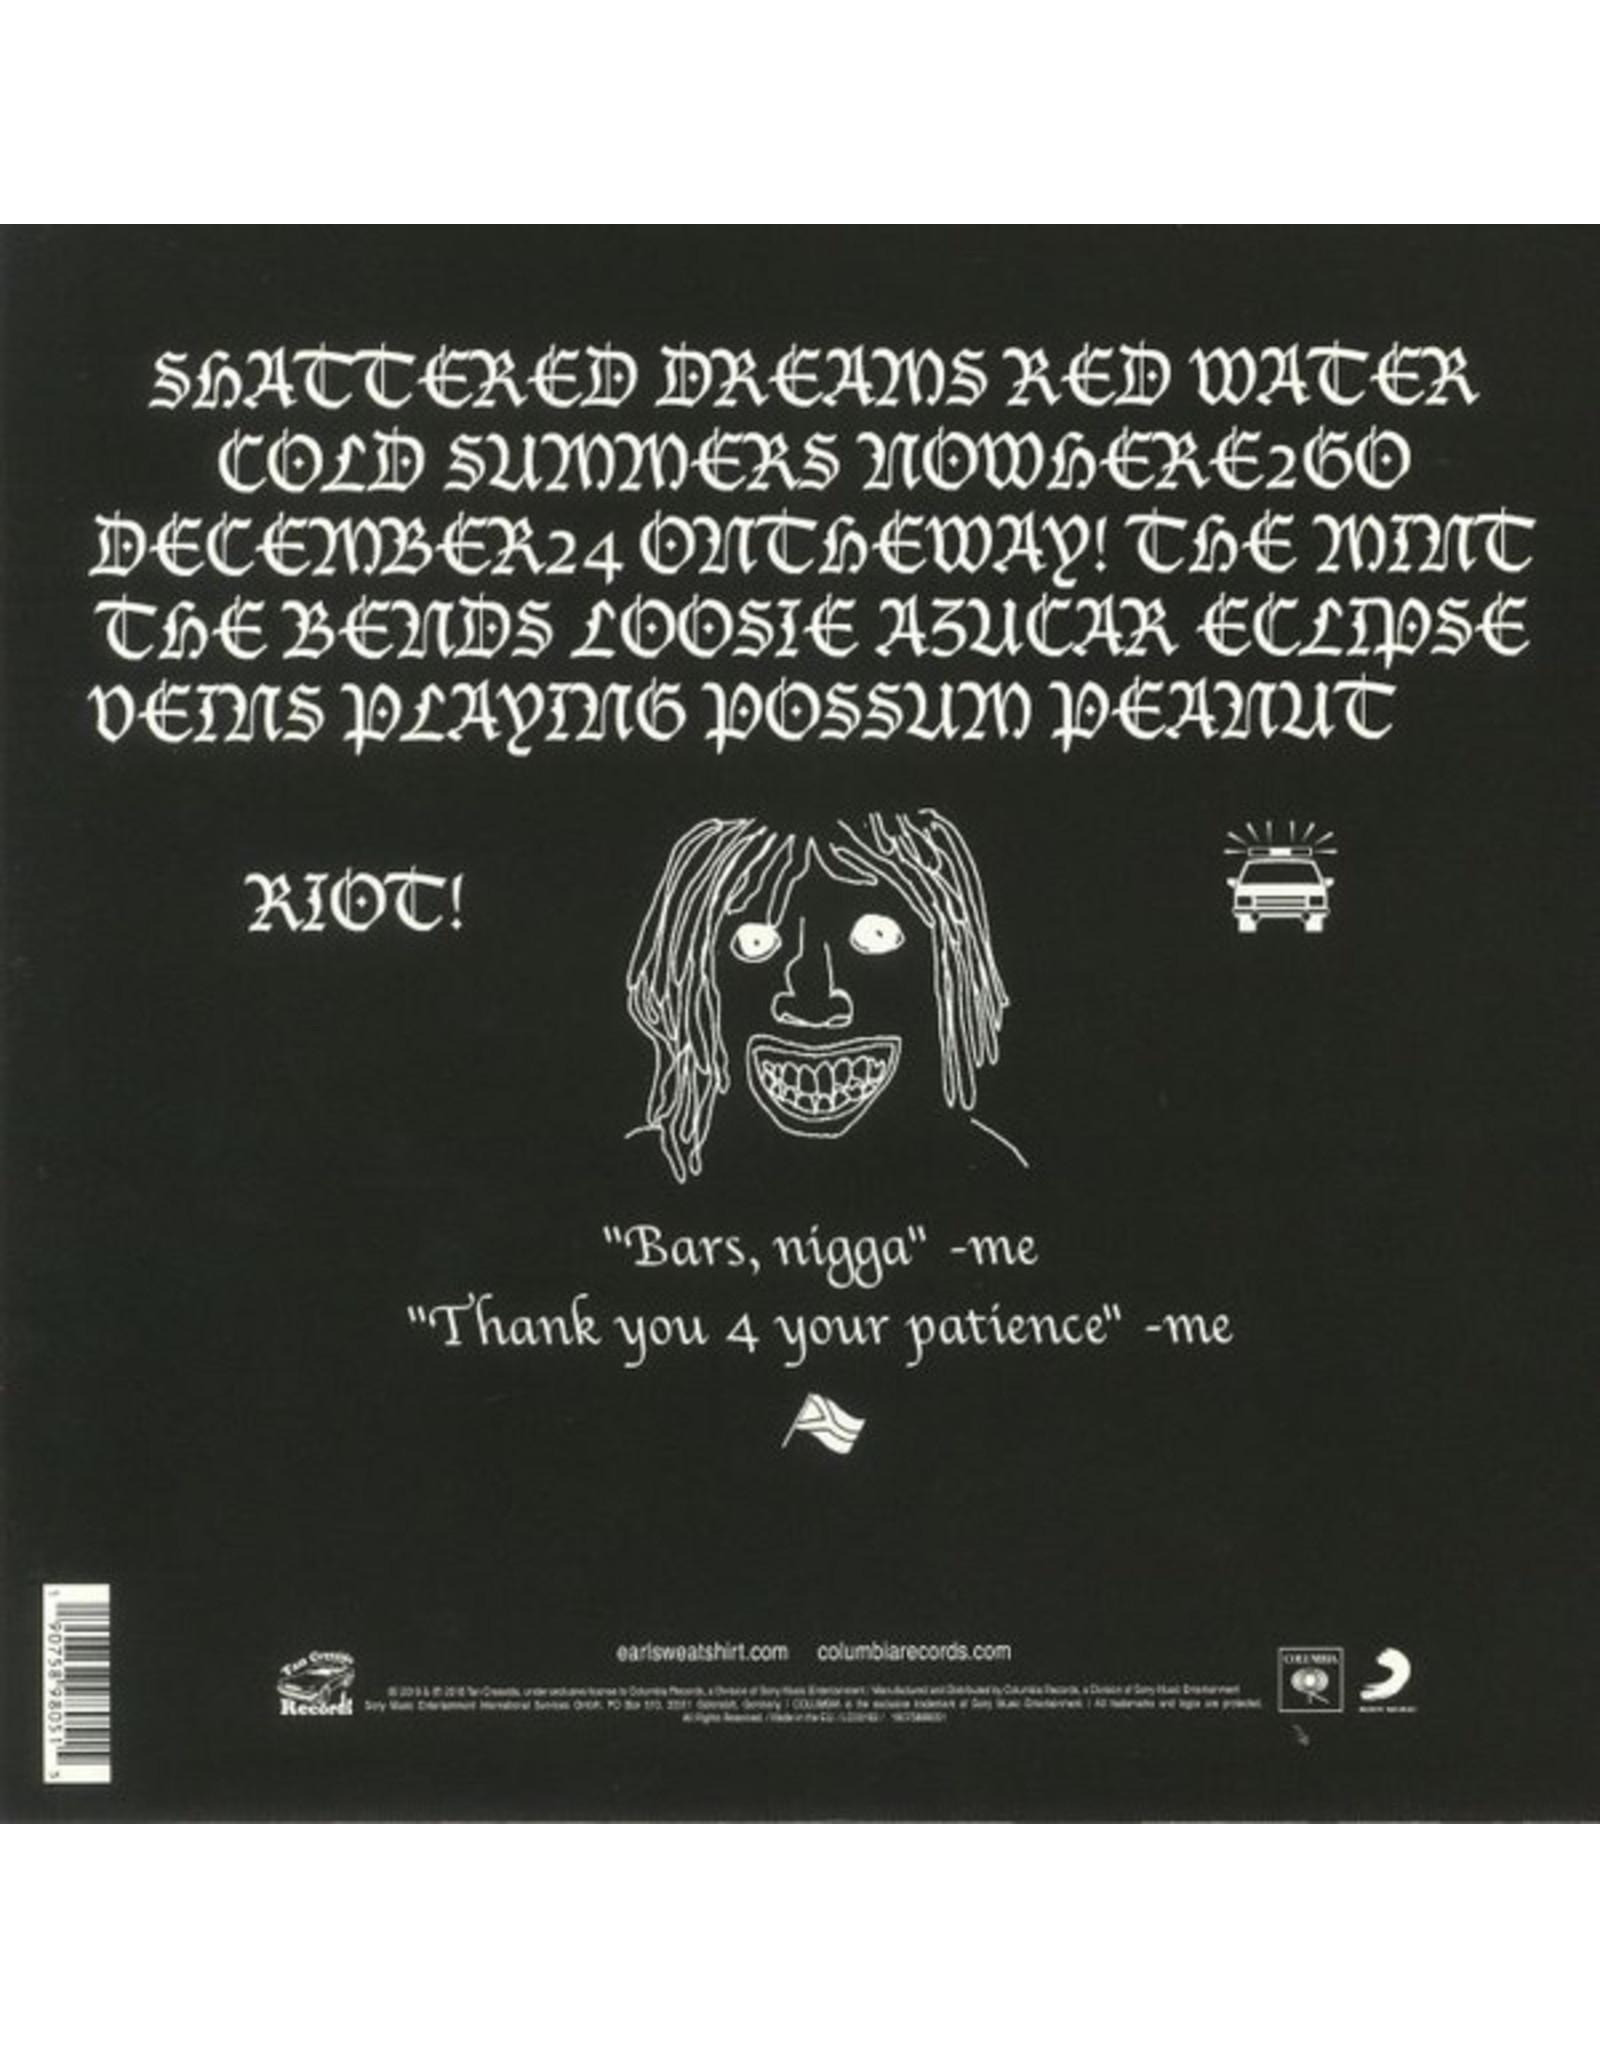 Earl Sweatshirt - Some Rap Songs (UK Edition)